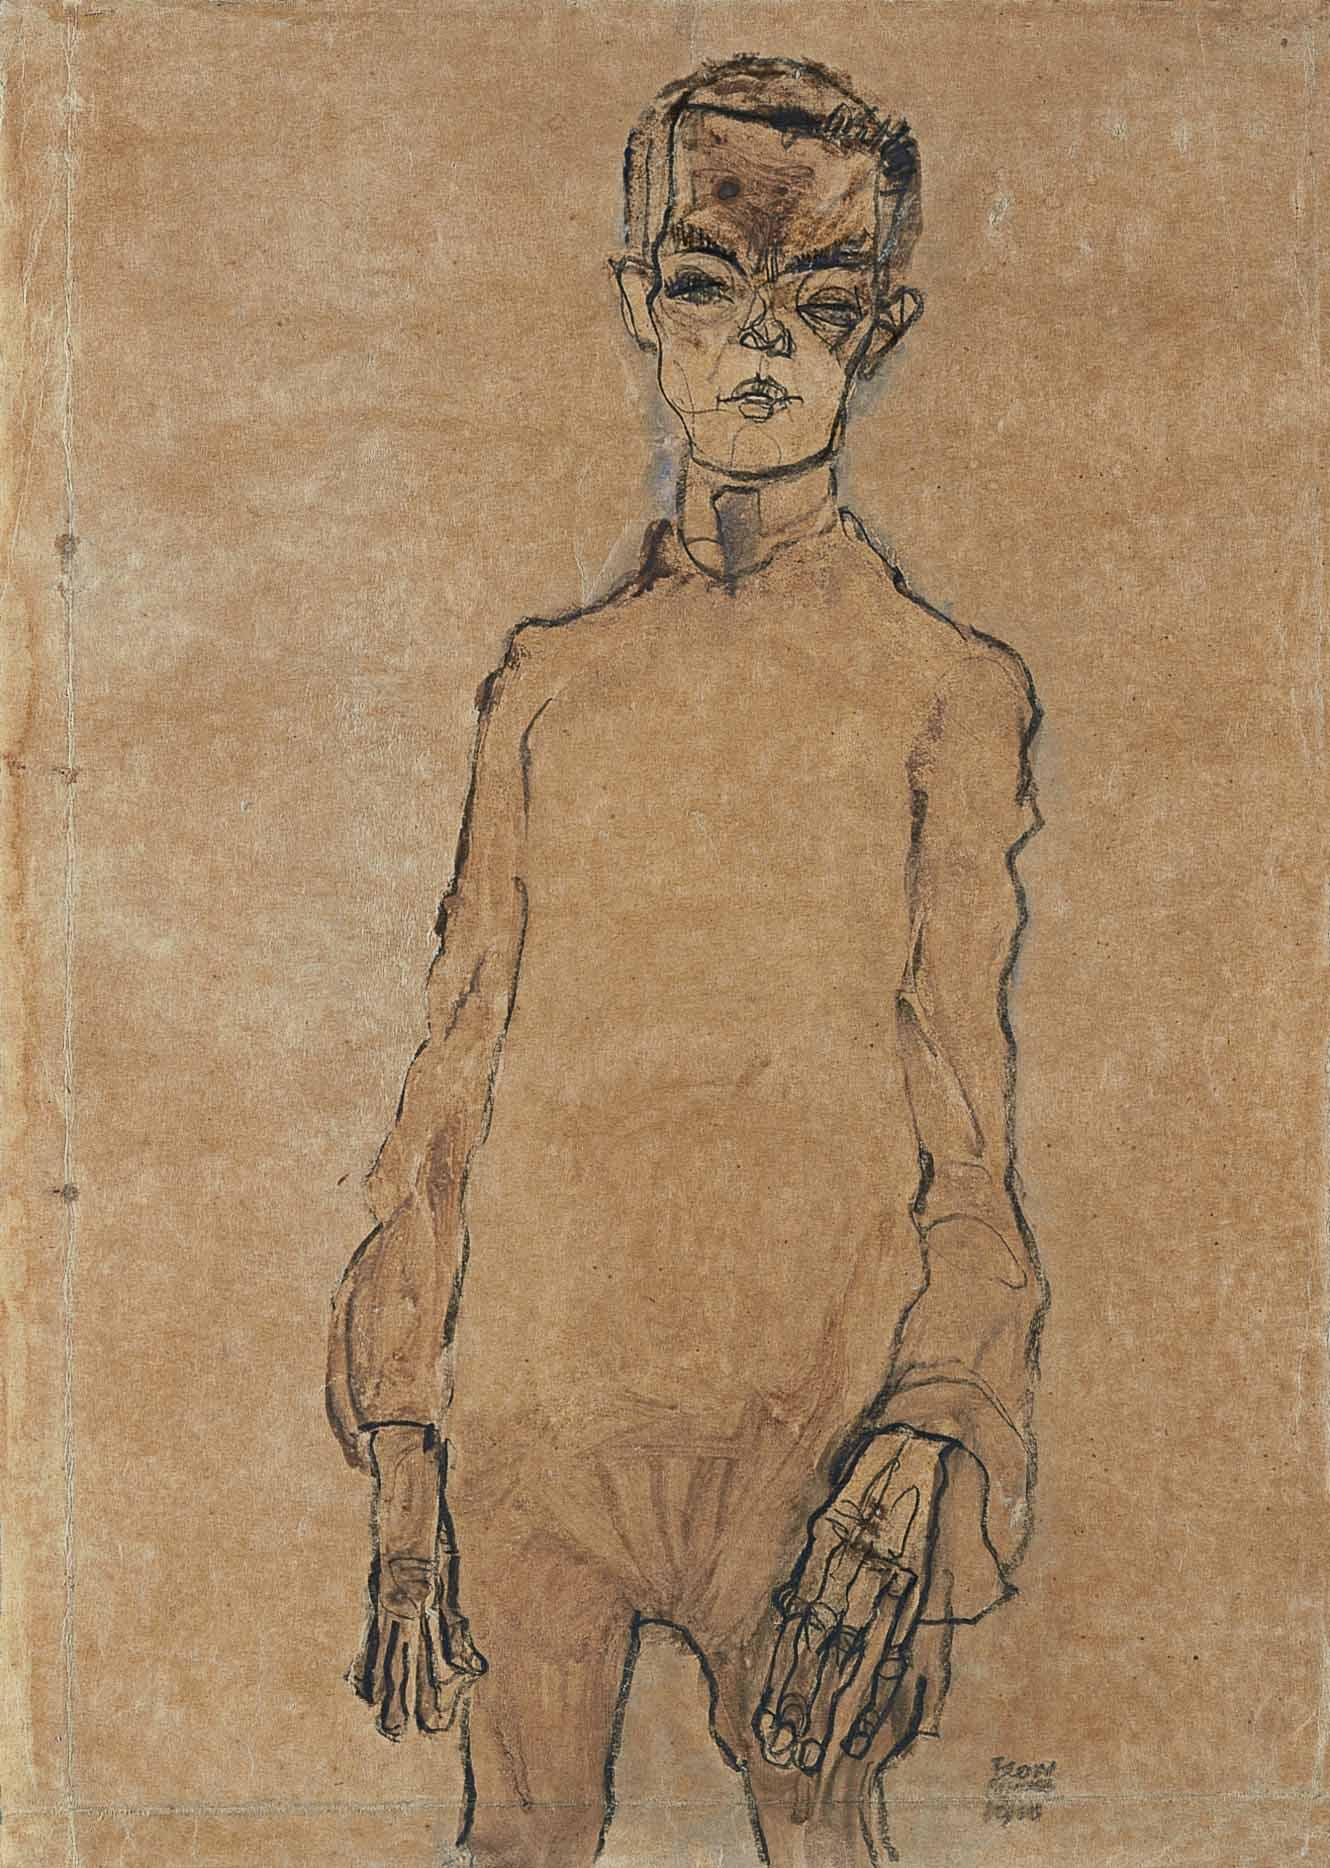 Aurorretrato, Egon Schielle,  1910, acuarela y carboncillo sobre papel, 45 x 31,5 cm.